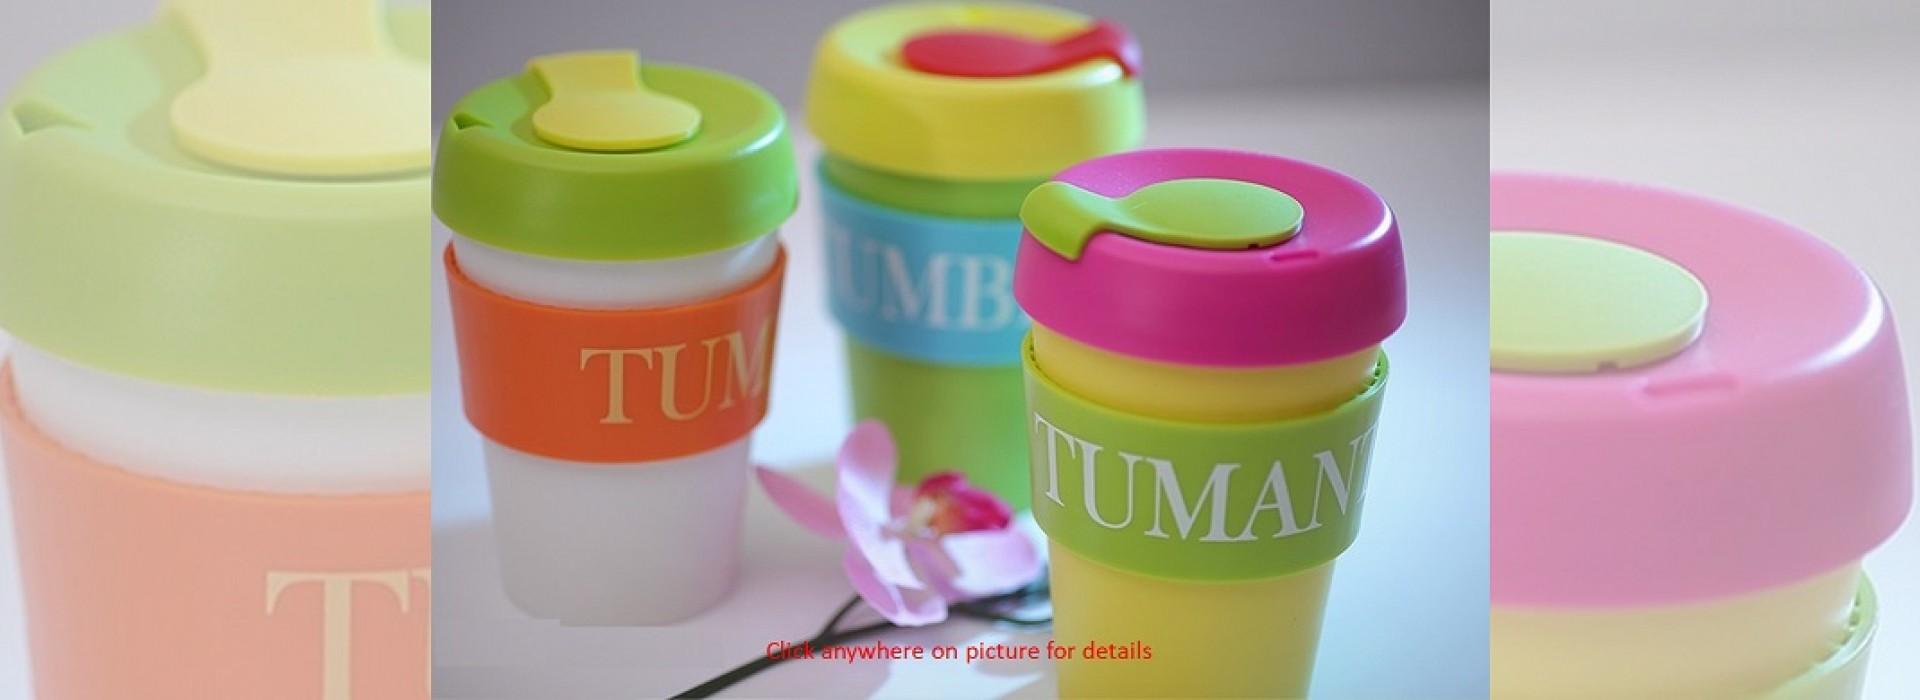 Tumntums Tumbler 350ml - Slider 3